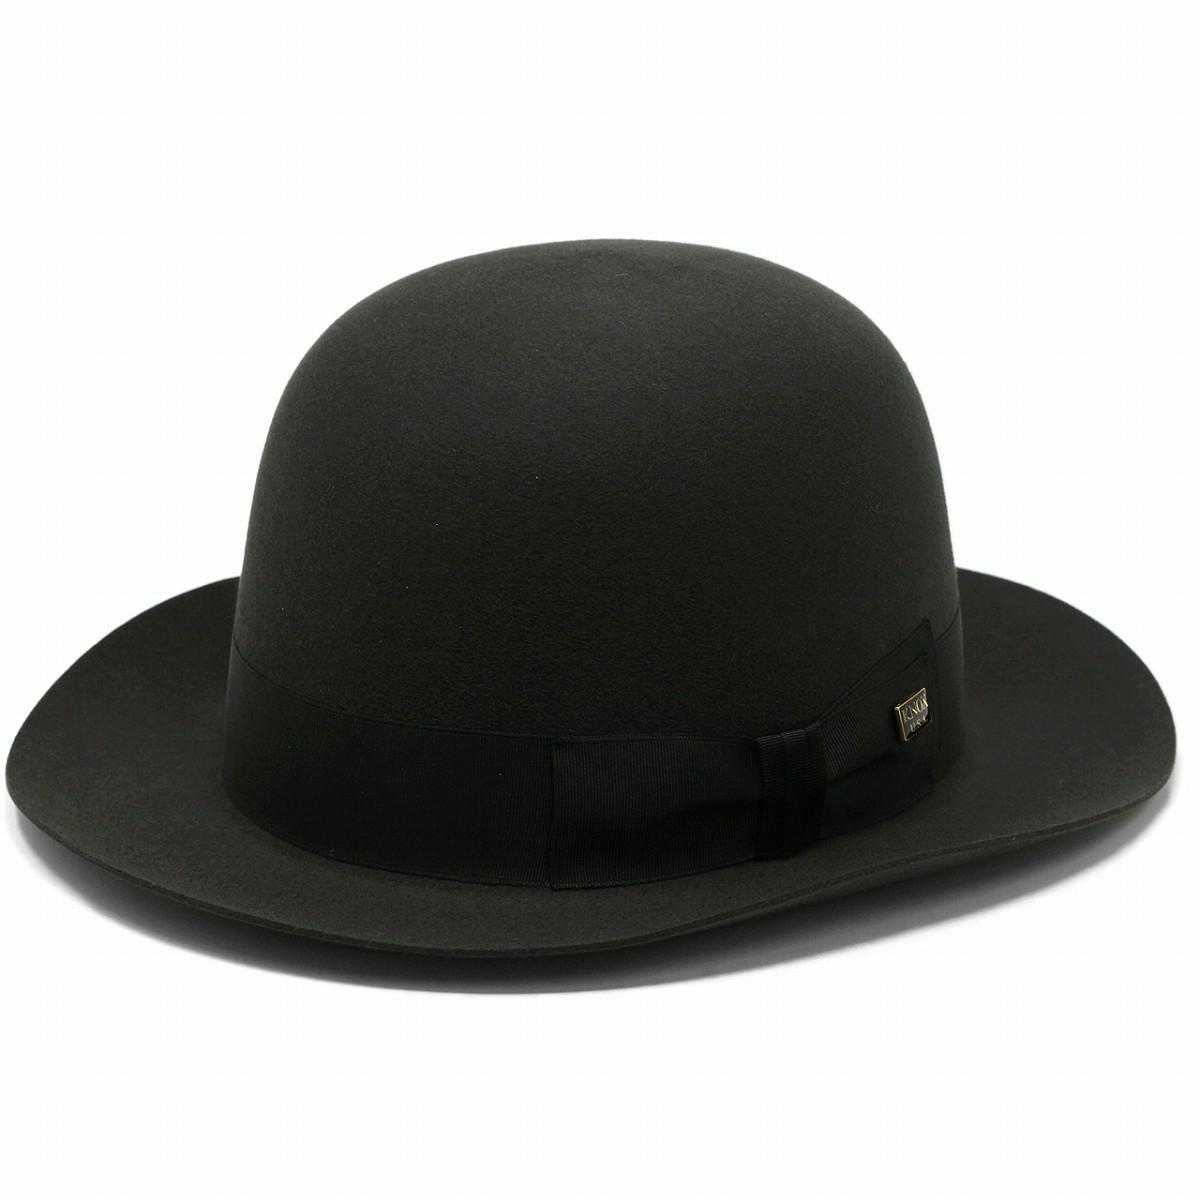 【最高級フェルト ビーバーファーフェルト使用】KNOX フェルト帽 ボーラーハット 帽子 メンズ 日本製 フェルトハット ブランド 紳士 オープンクランハット ノックス 中折れハット ダークグレー[ boater hat ][ felt hat ]